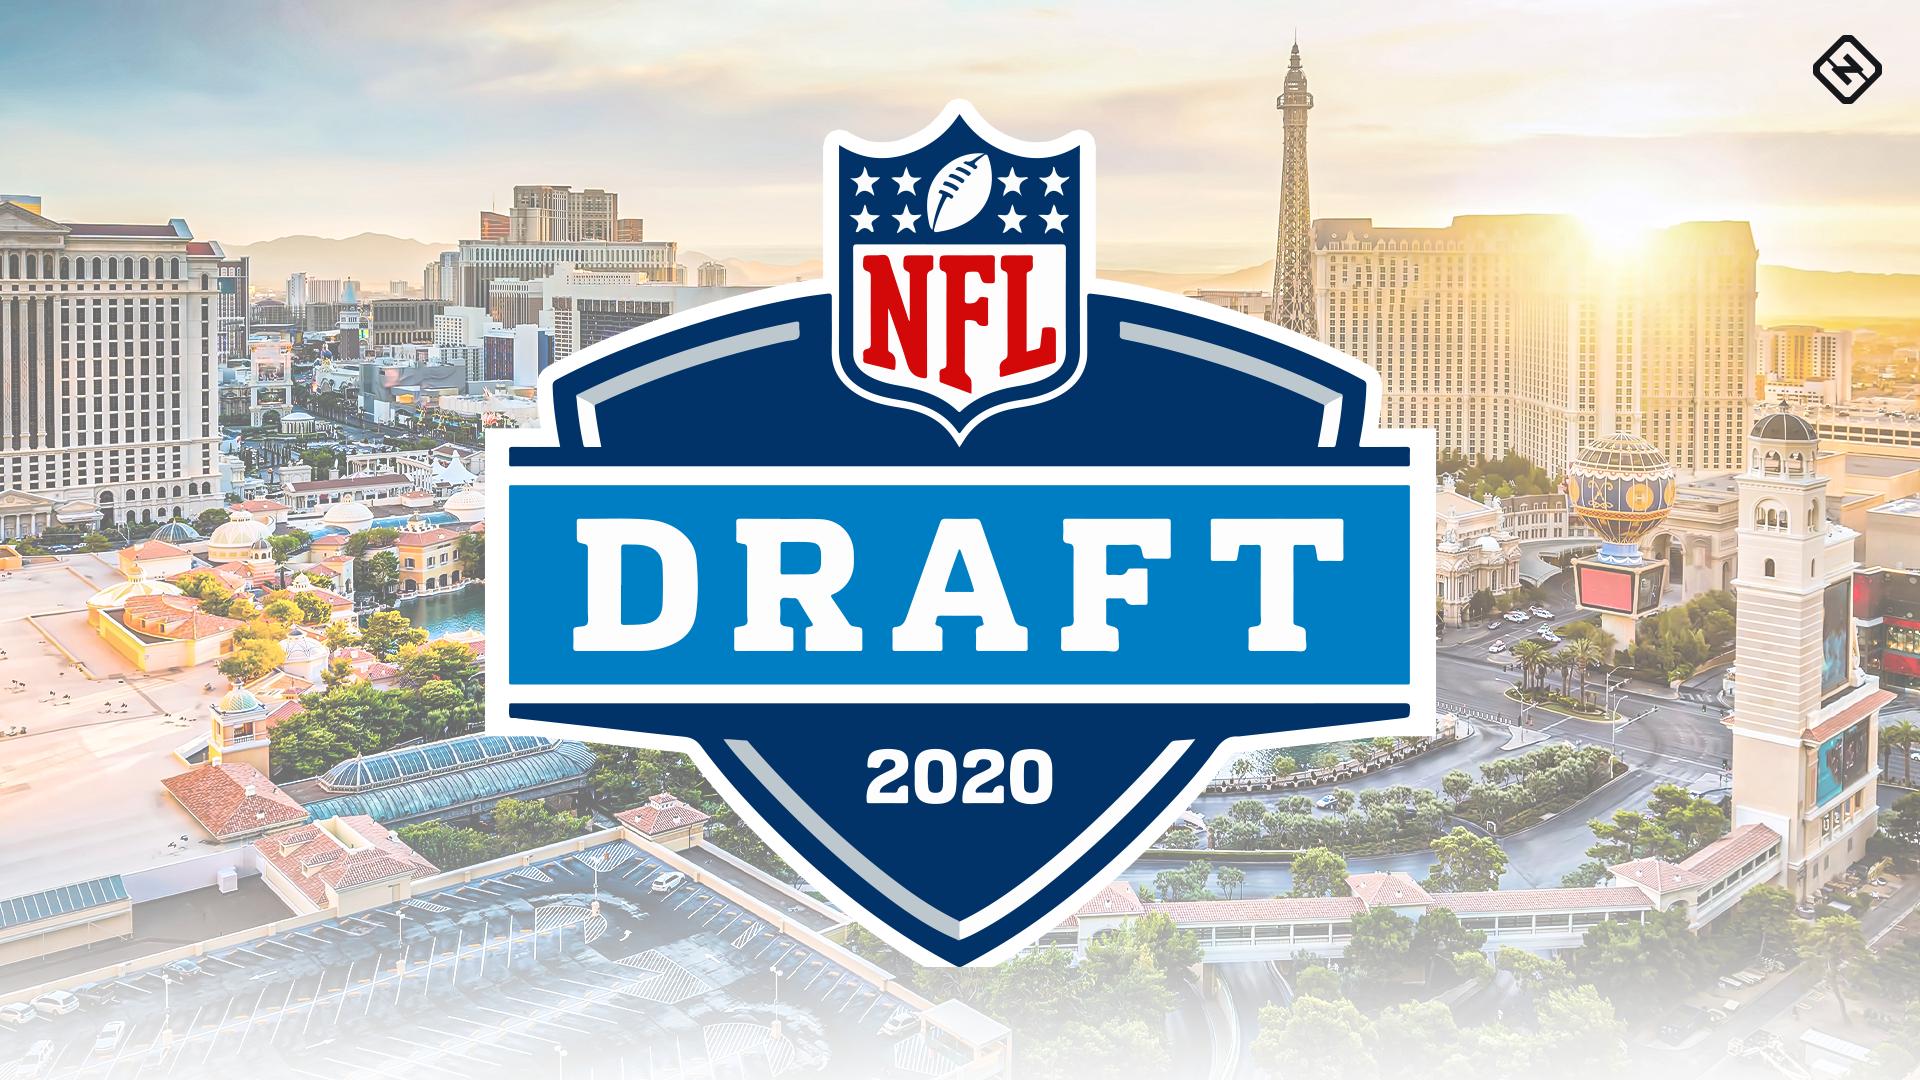 Orden de draft de la NFL 2020: Lista actualizada de selecciones para cada equipo después de los playoffs divisionales 2